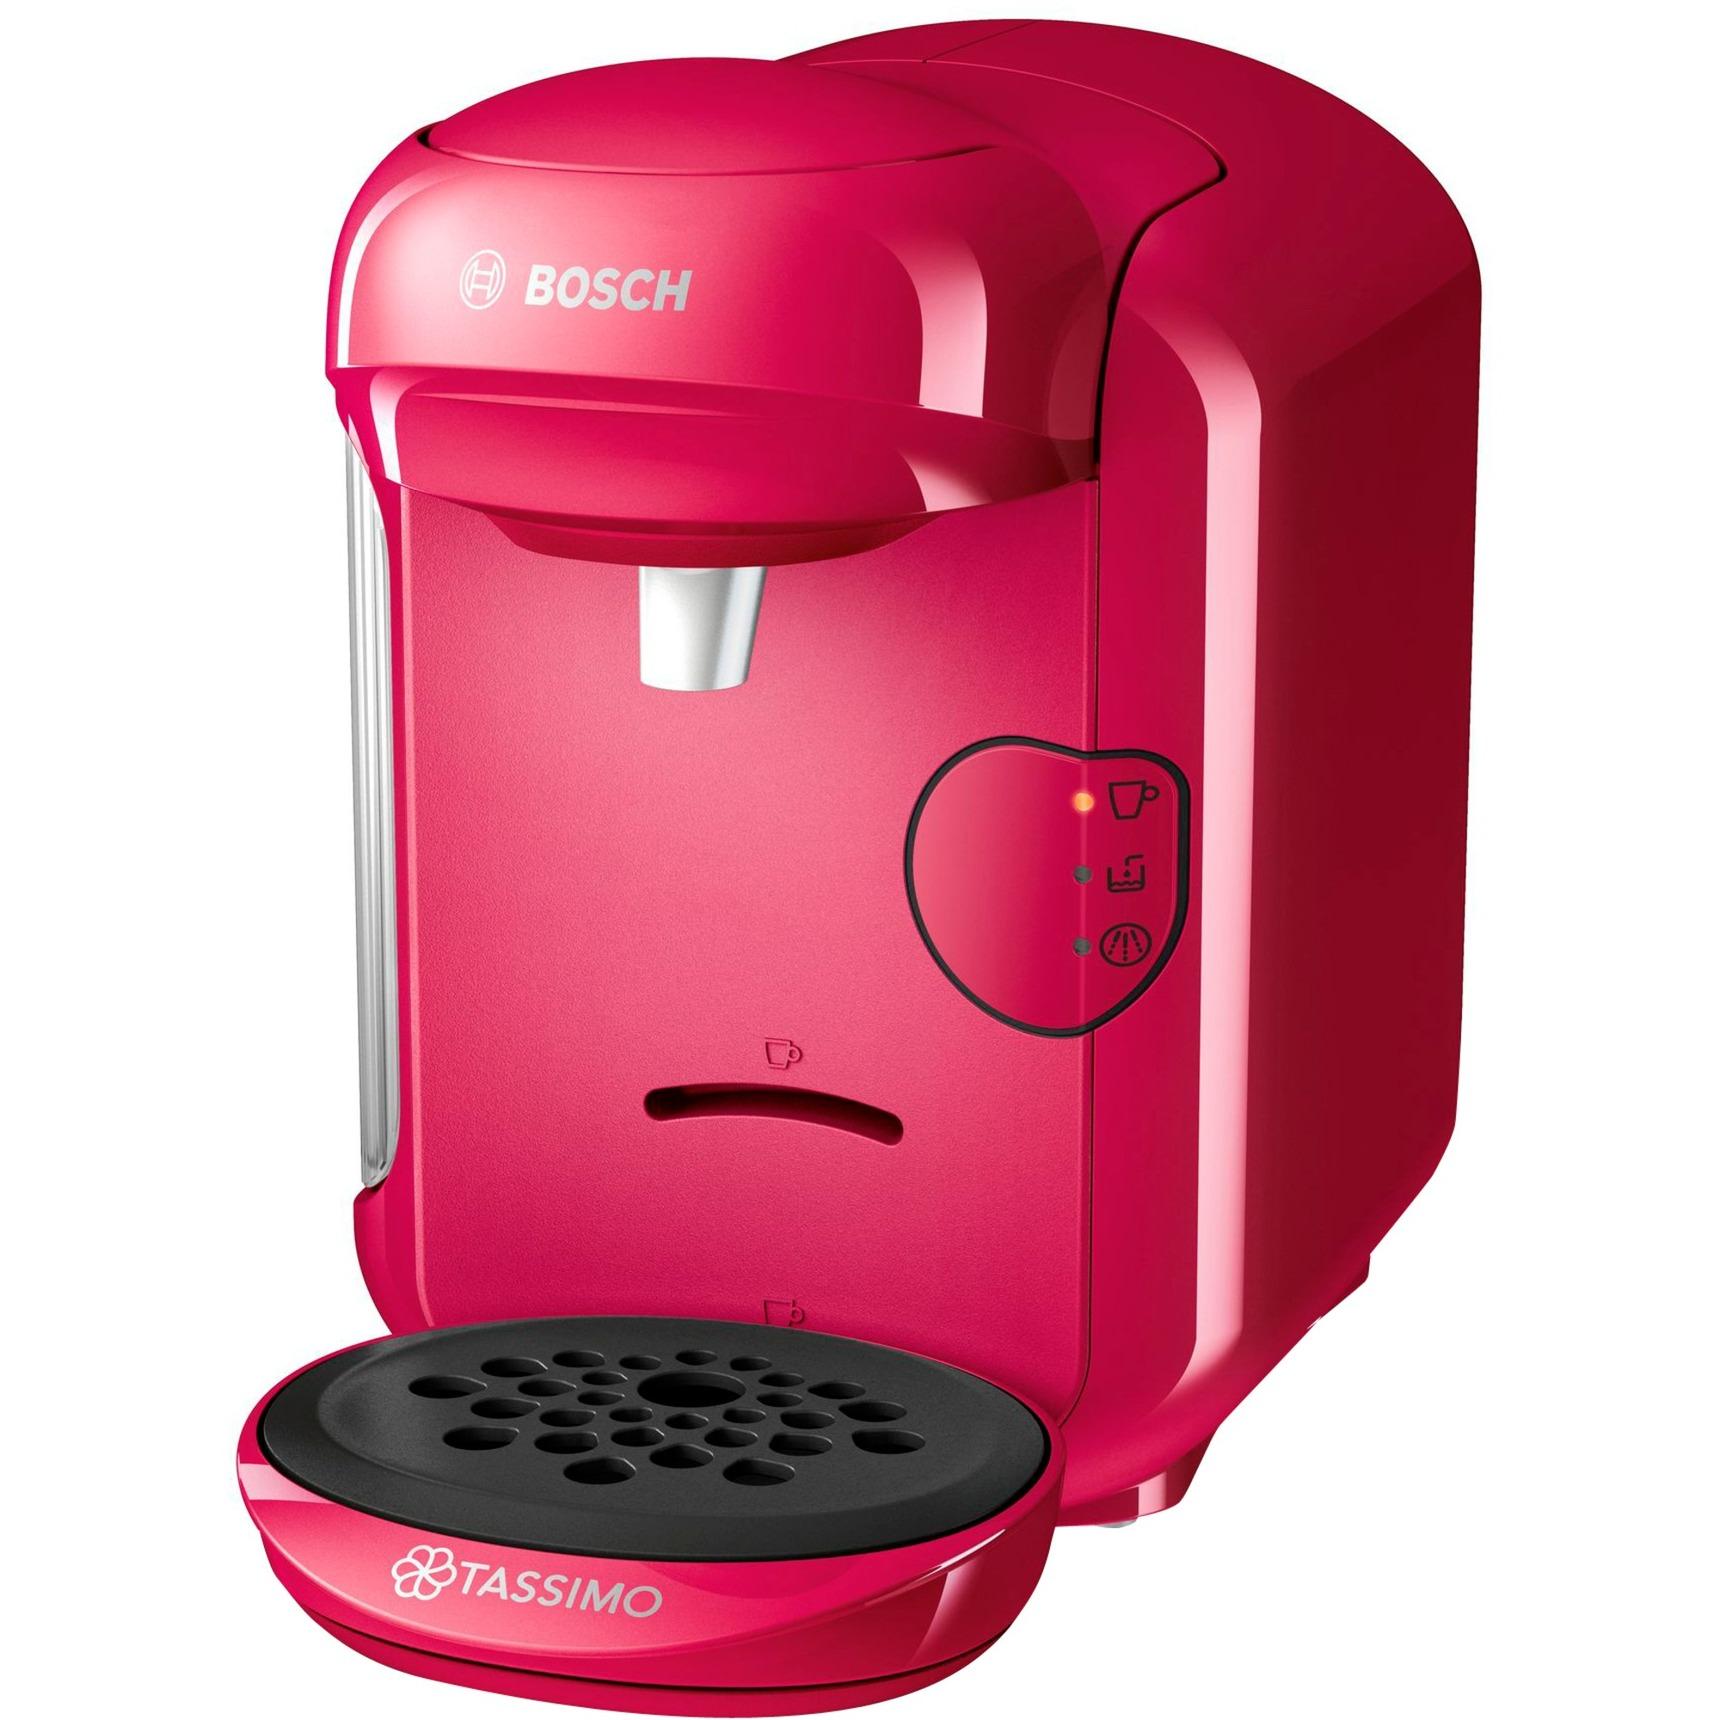 TASSIMO VIVY 2 Independiente Totalmente automática Cafetera combinada 0.7L Rosa, Cafetera de cápsulas